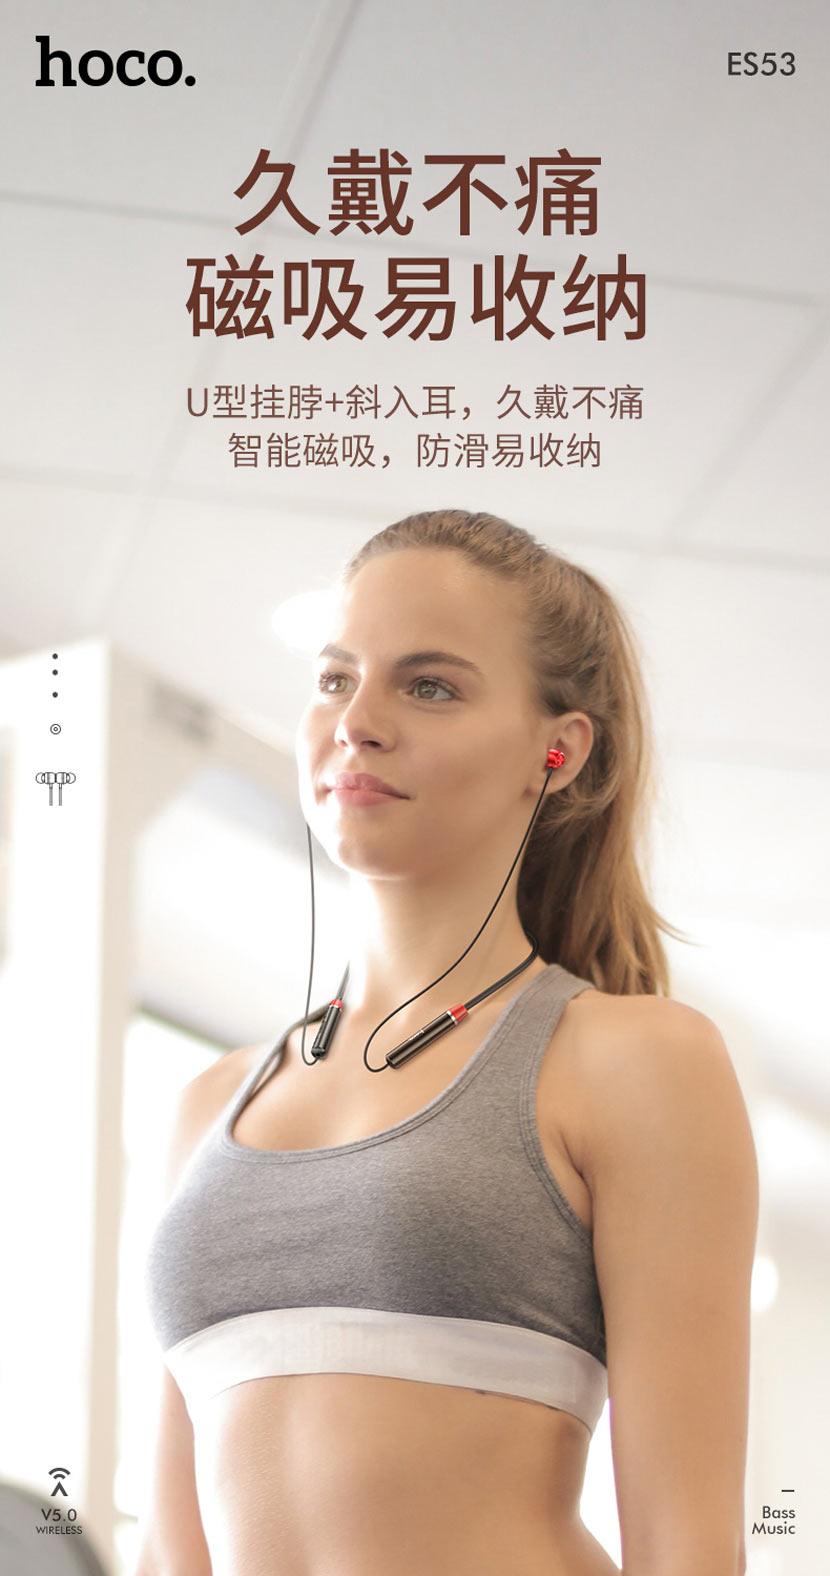 hoco news es53 coolway sports bt earphones wearing cn